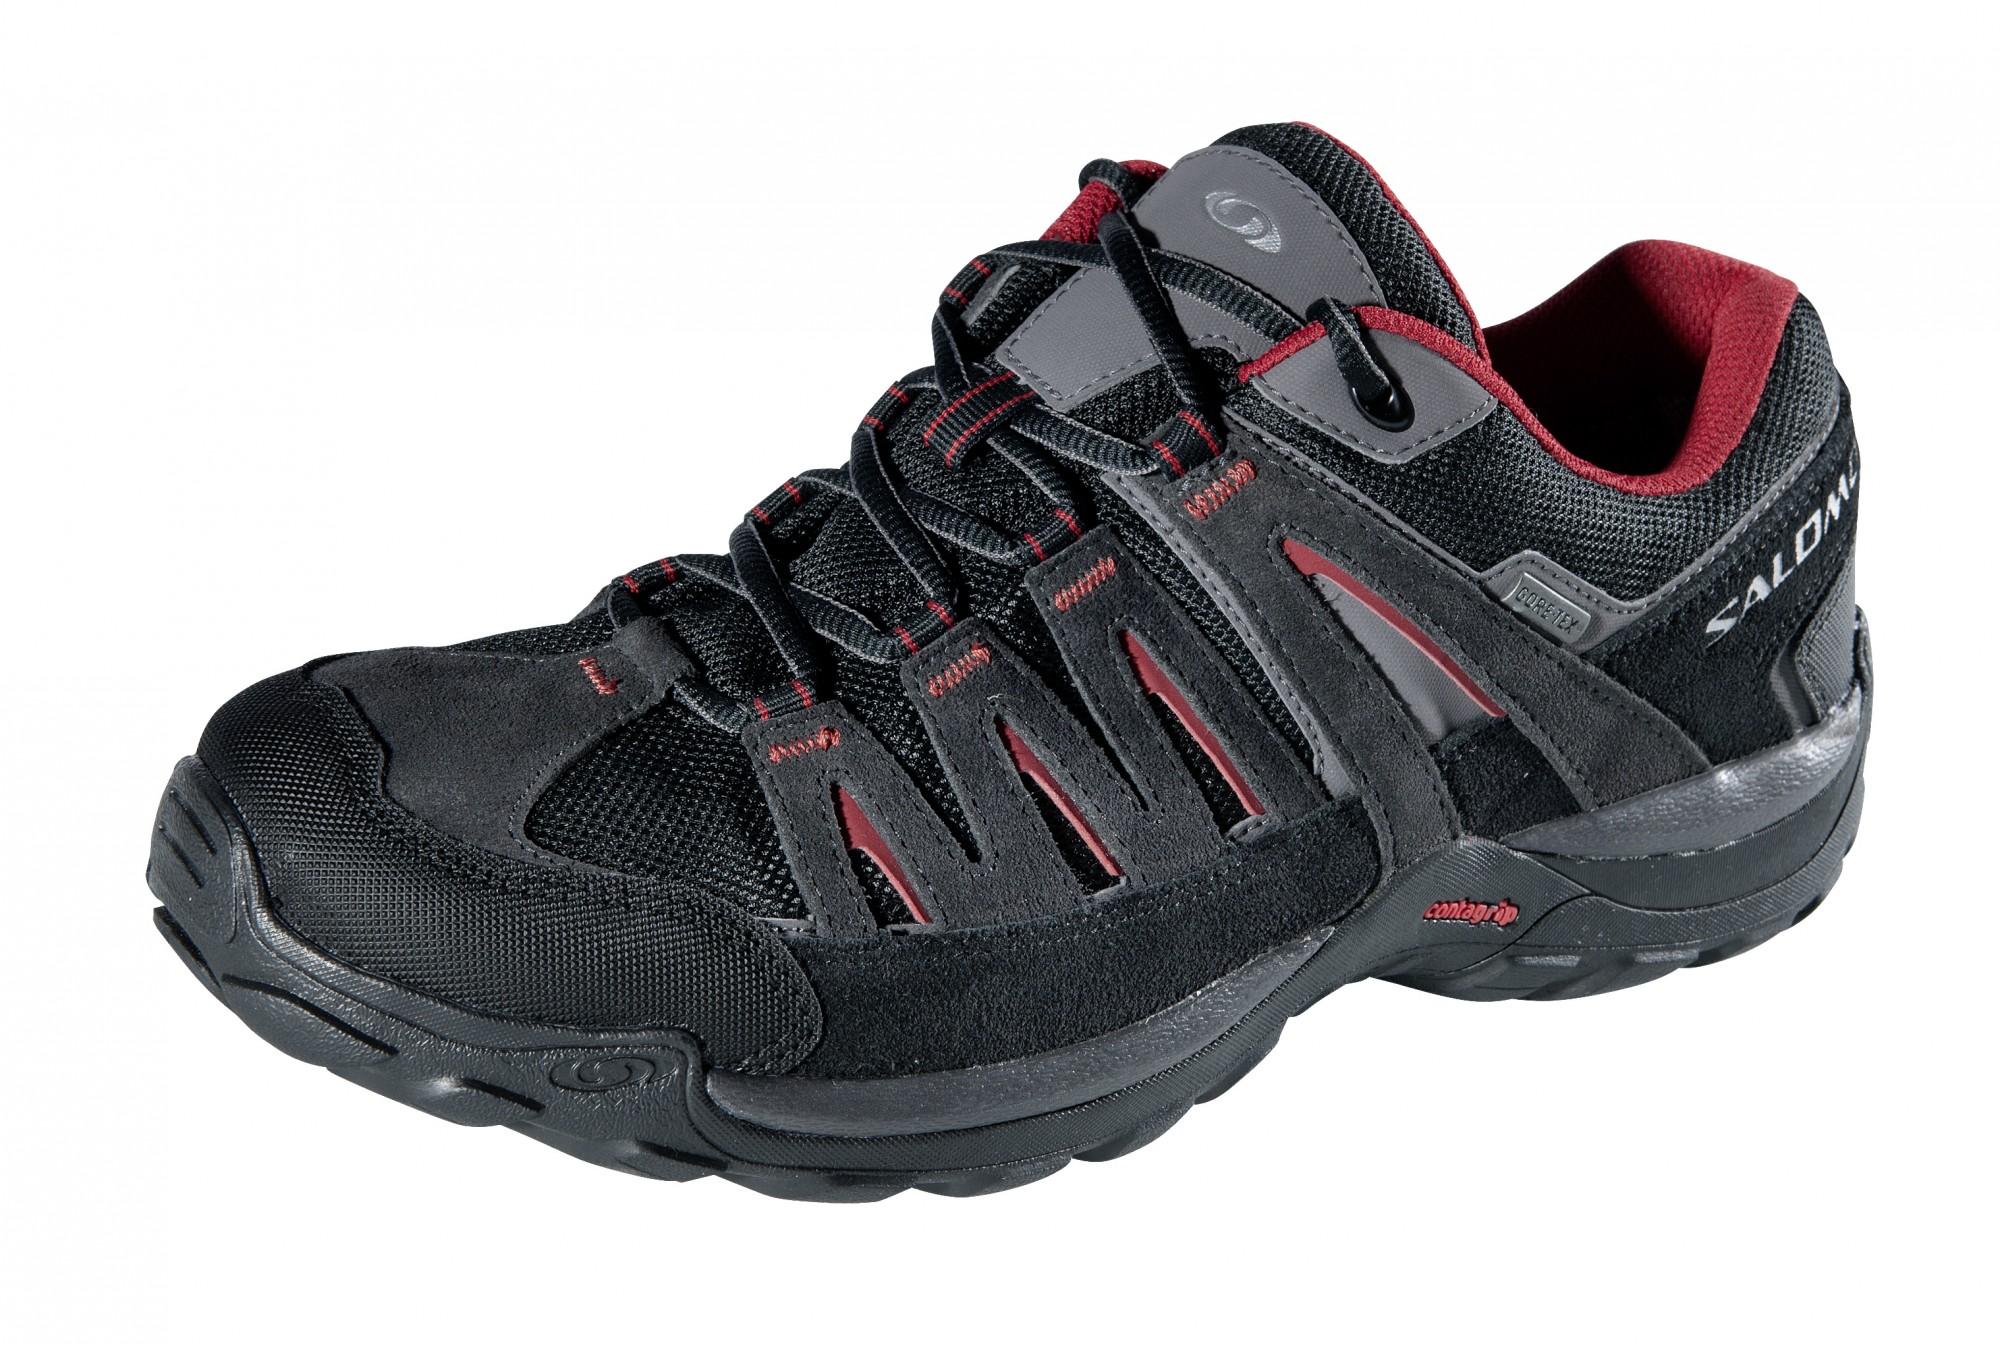 Salomon Outdoor Schuhe Velvet Gore Tex Gr. 46,5 UK 11,5 UVP